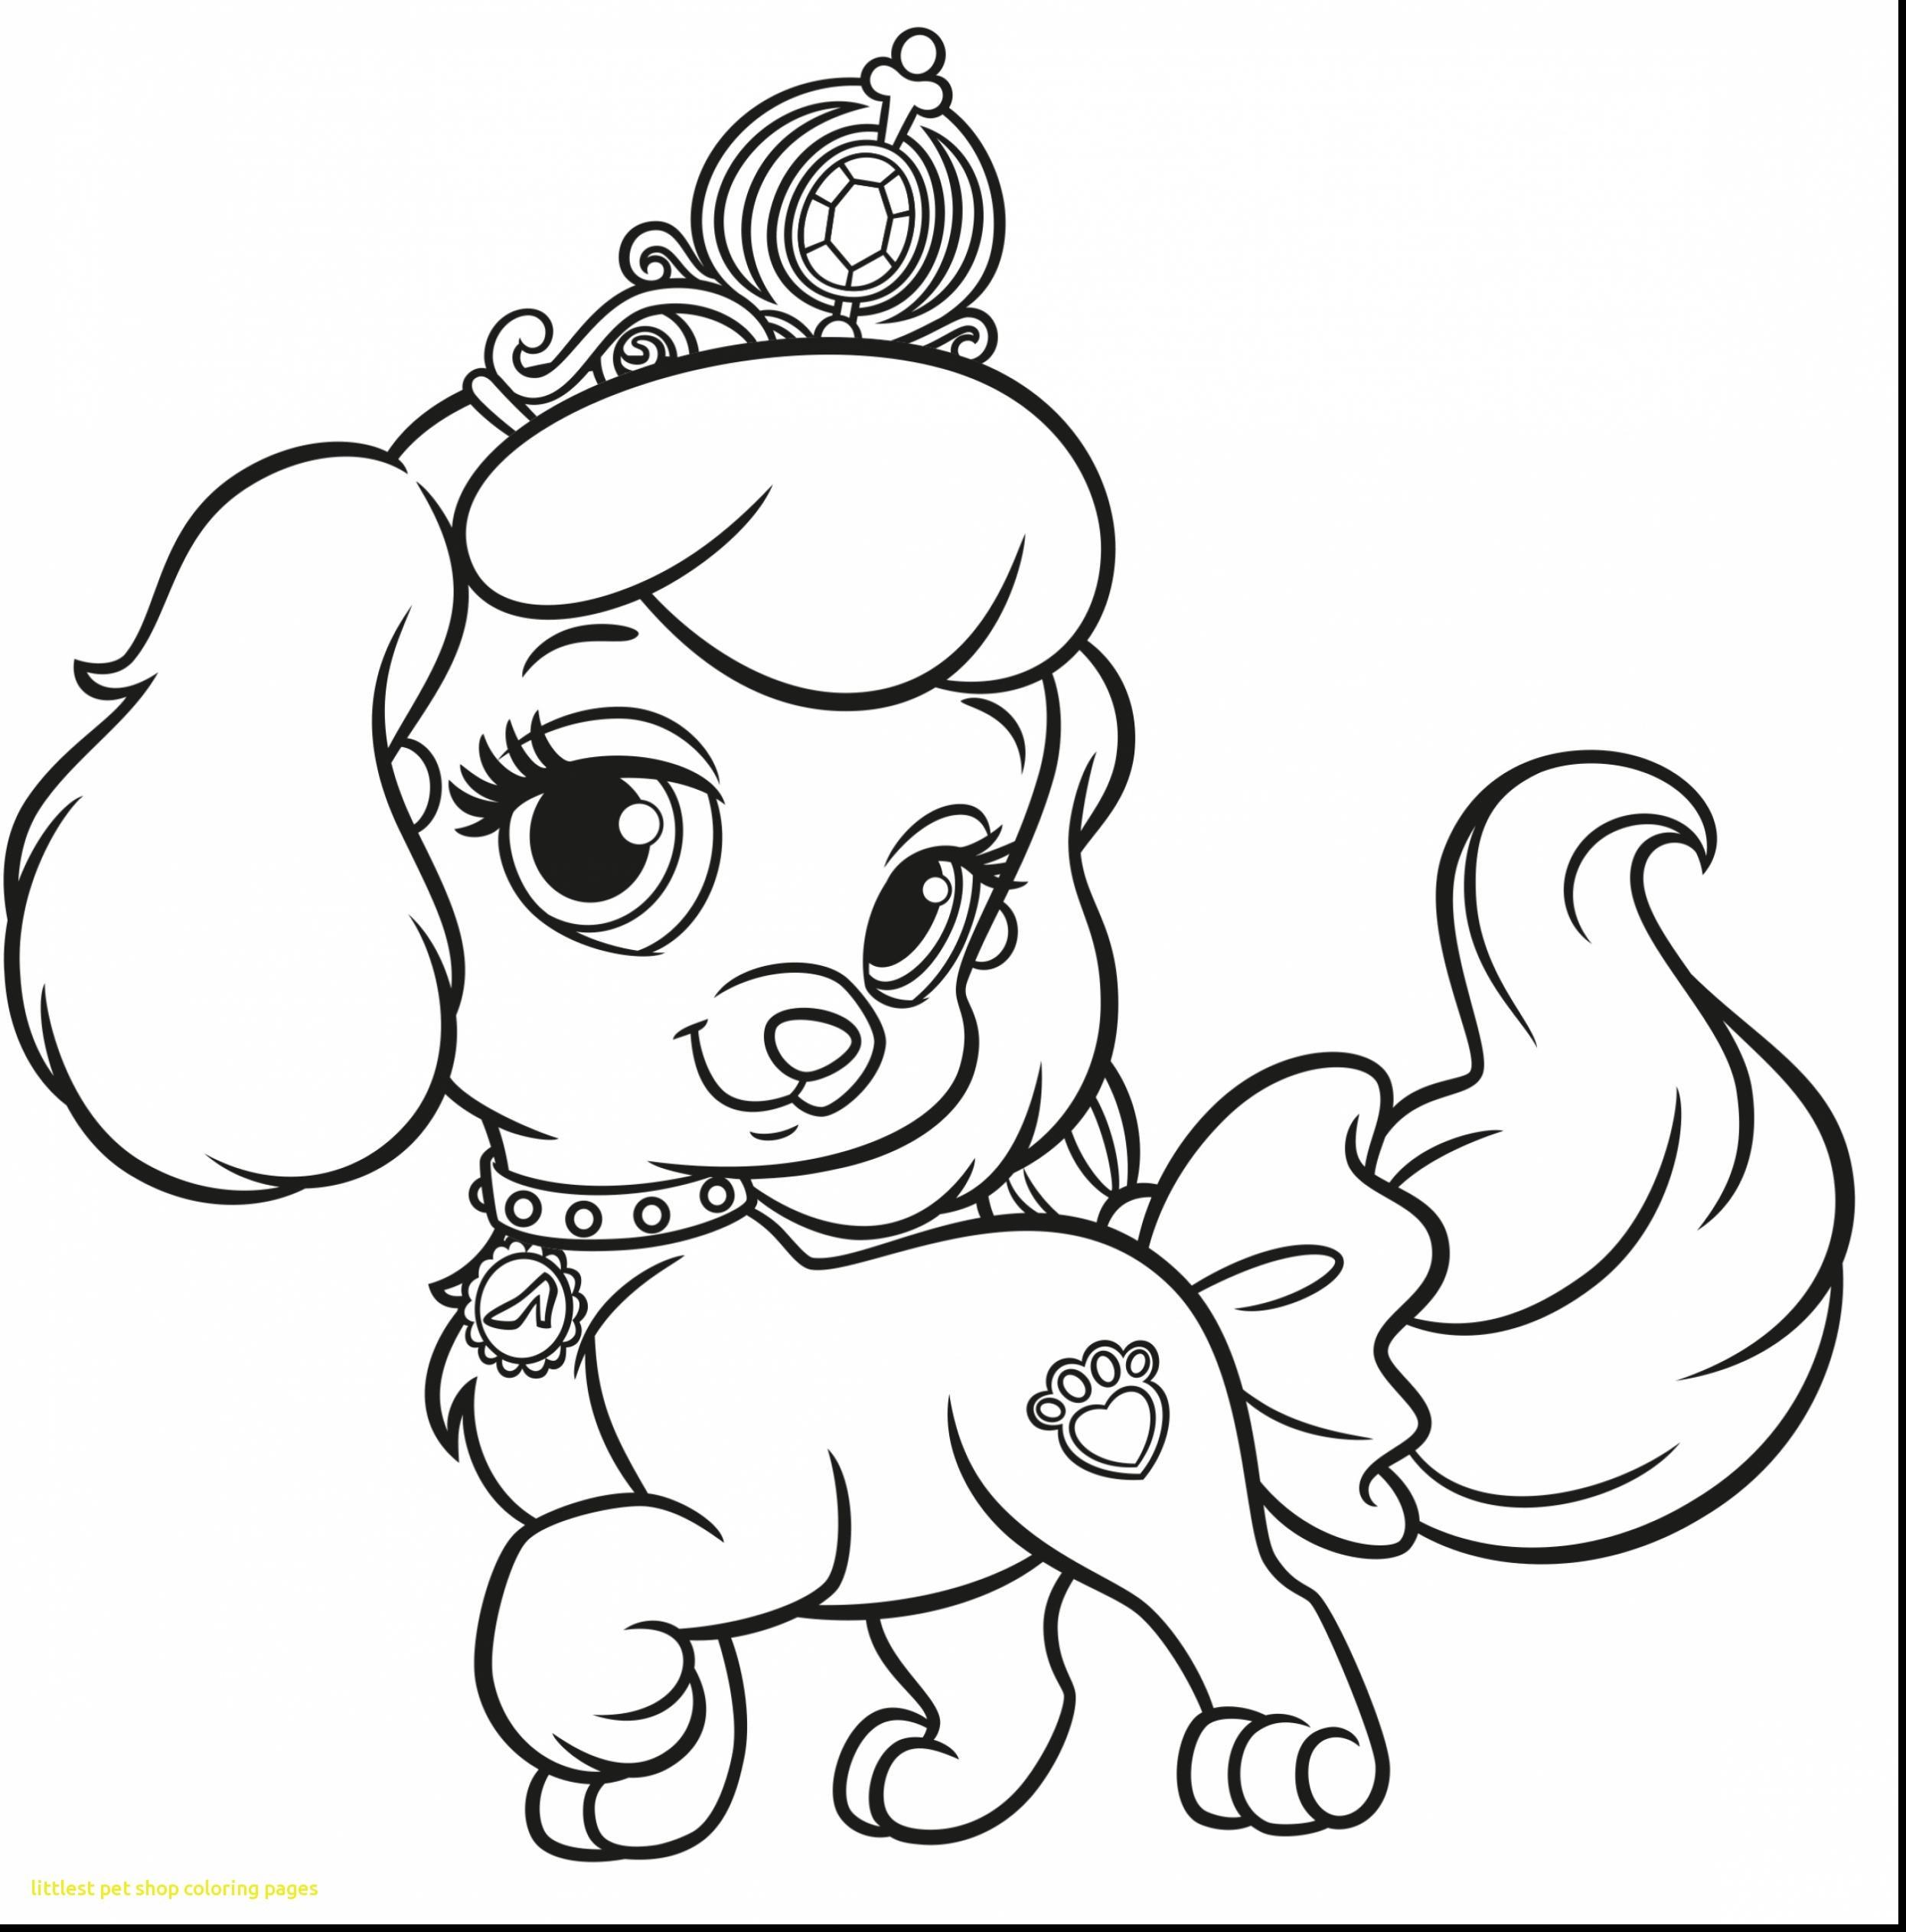 2490x2524 Littlest Pet Shop Coloring Page Luxury Littlest Pet Shop Color